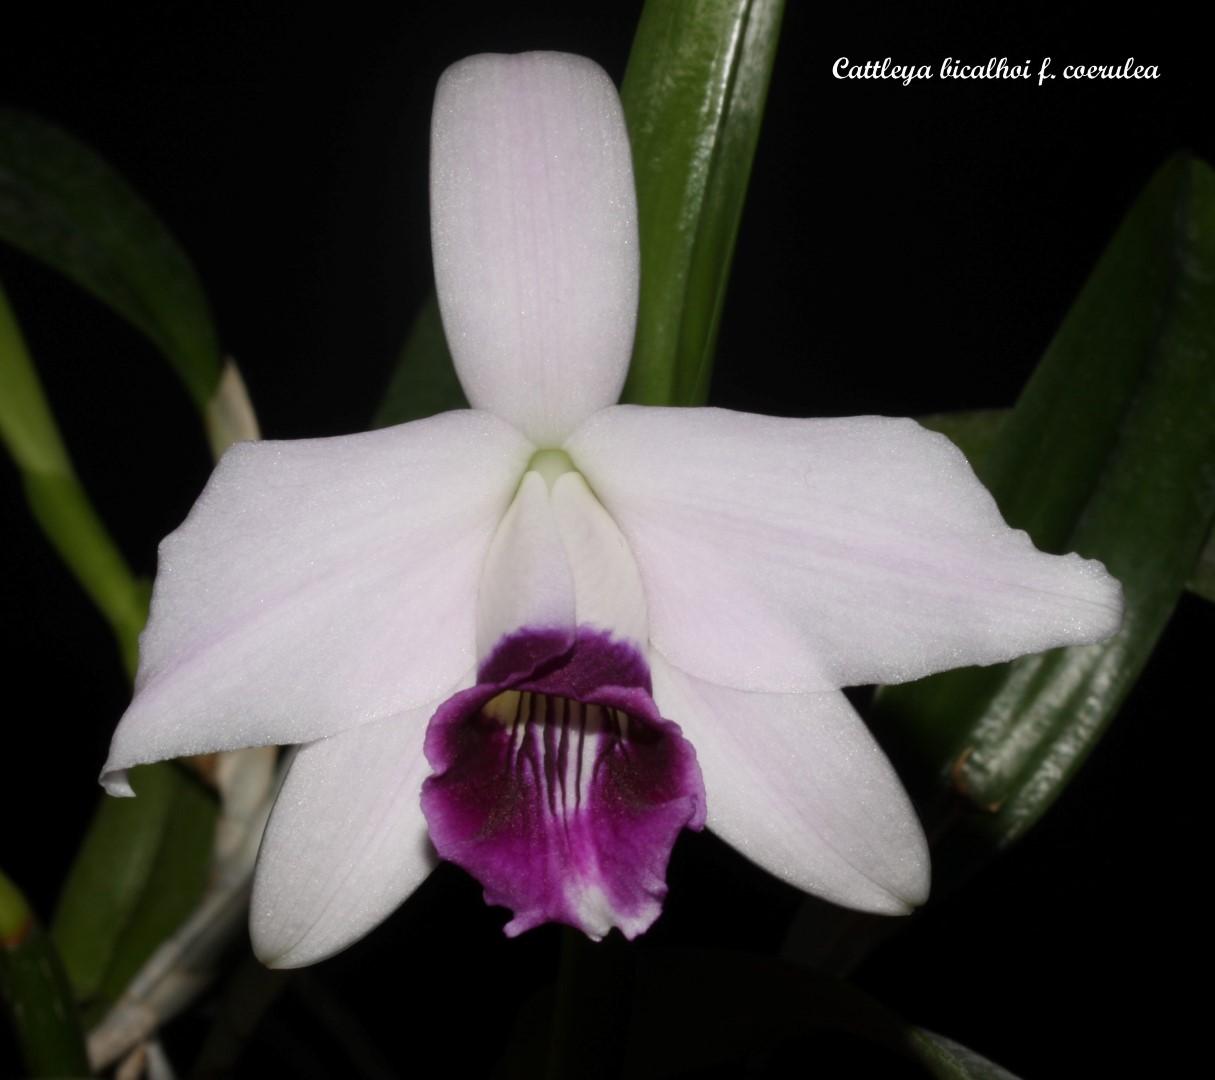 Cattleya bicalhoi f. coerulea  IMG_6555b%252520%252528Large%252529